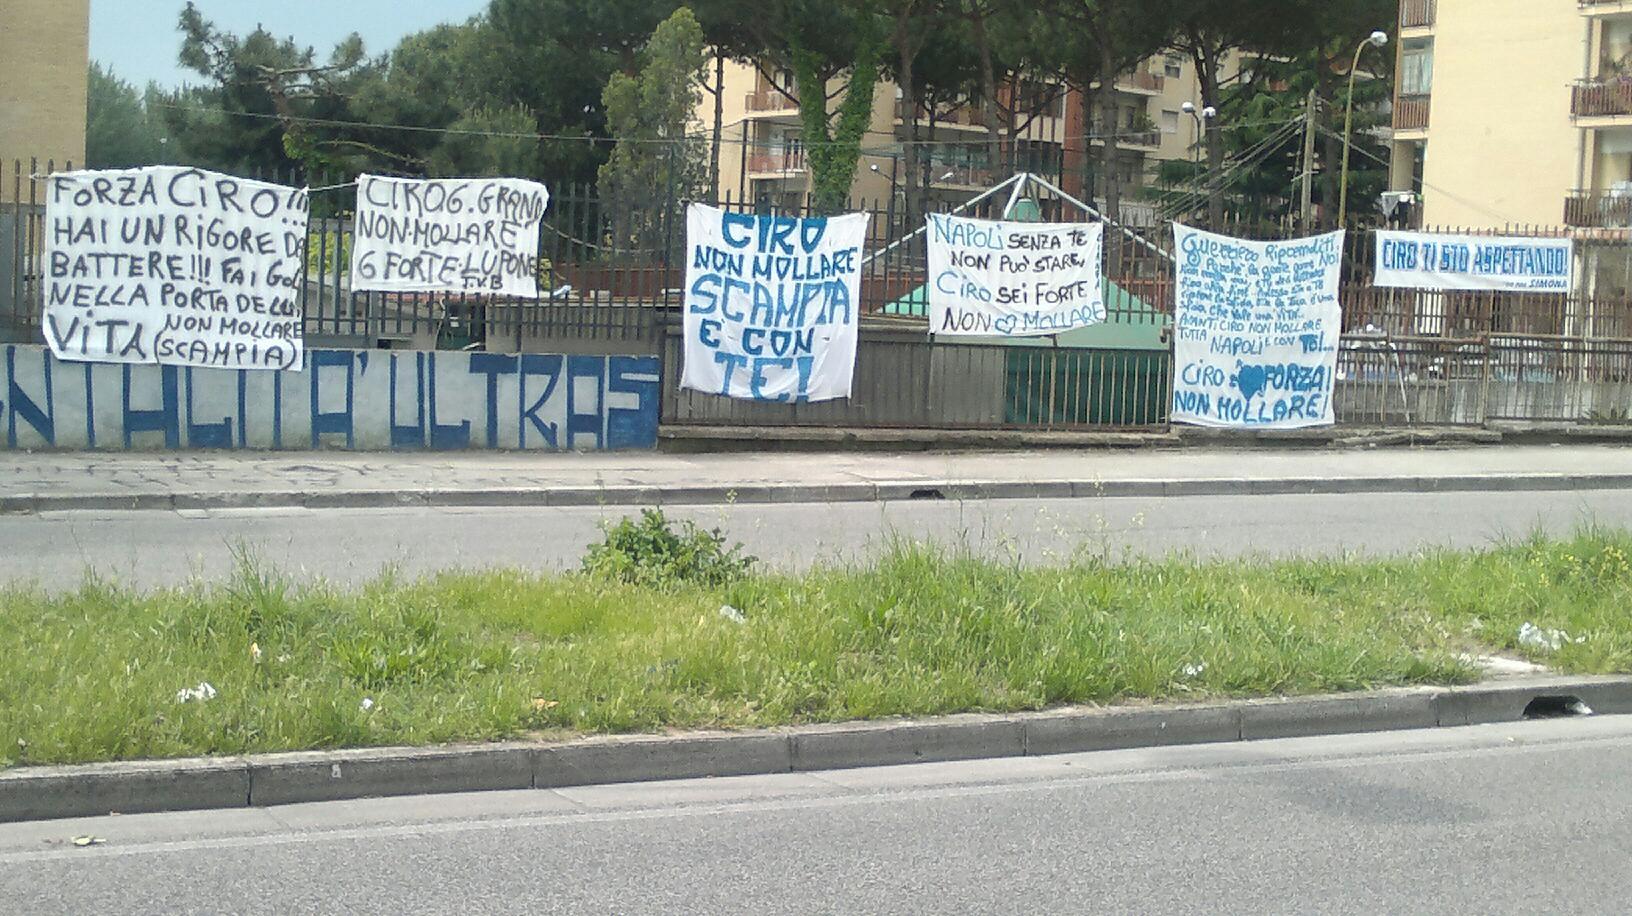 Scampia con Ciro: striscioni davanti al suo autolavaggio